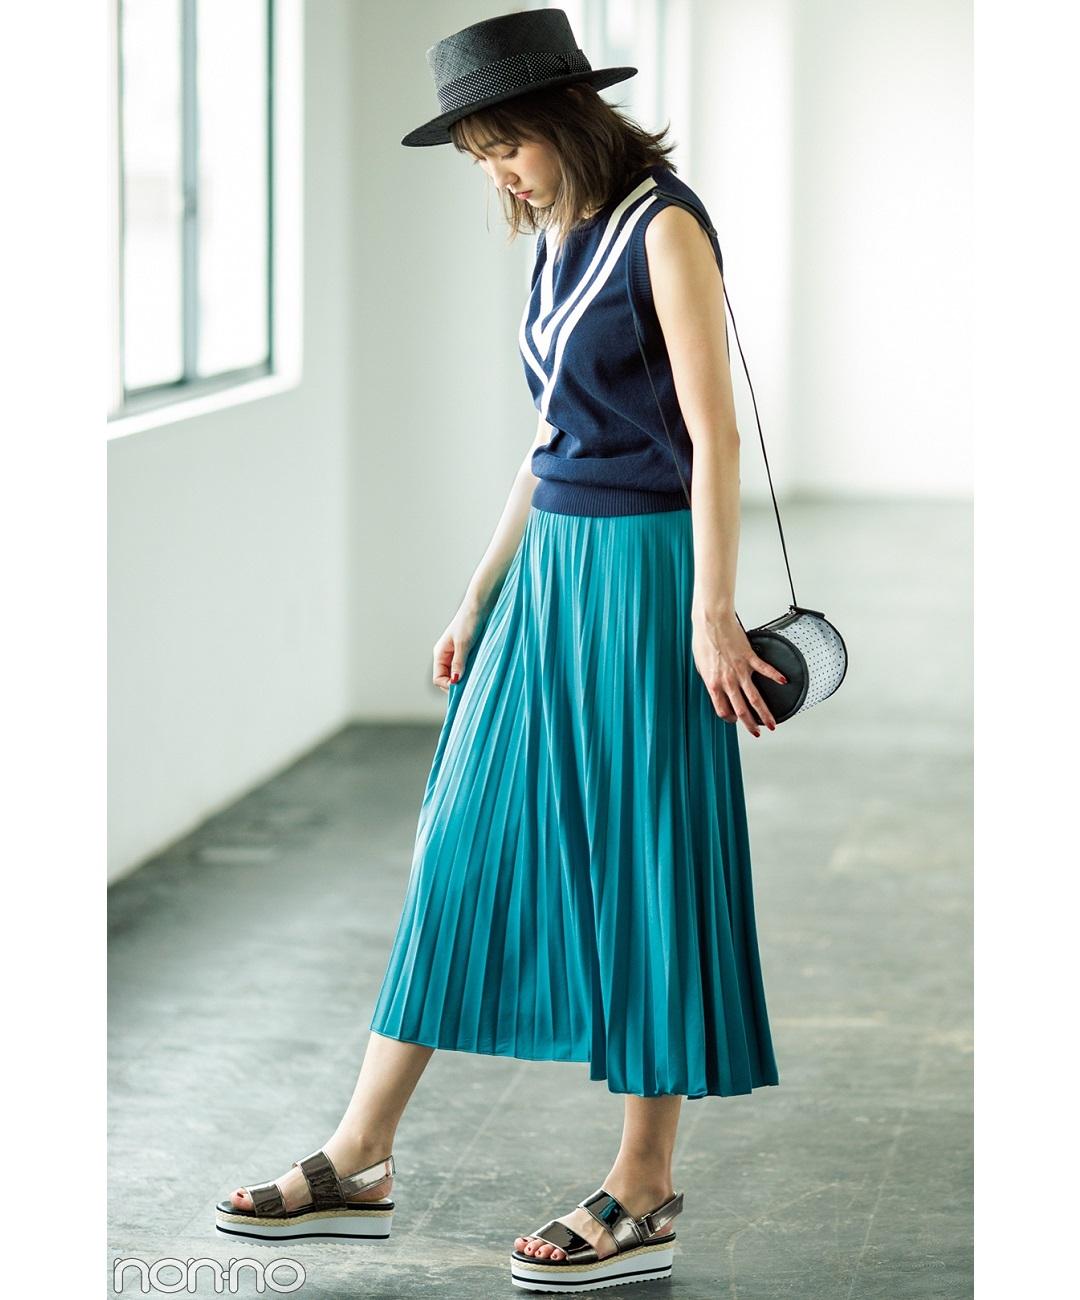 【夏のサンダルコーデ】新木優子と馬場ふみか、この夏は甘めモノトーンコーデでいく!